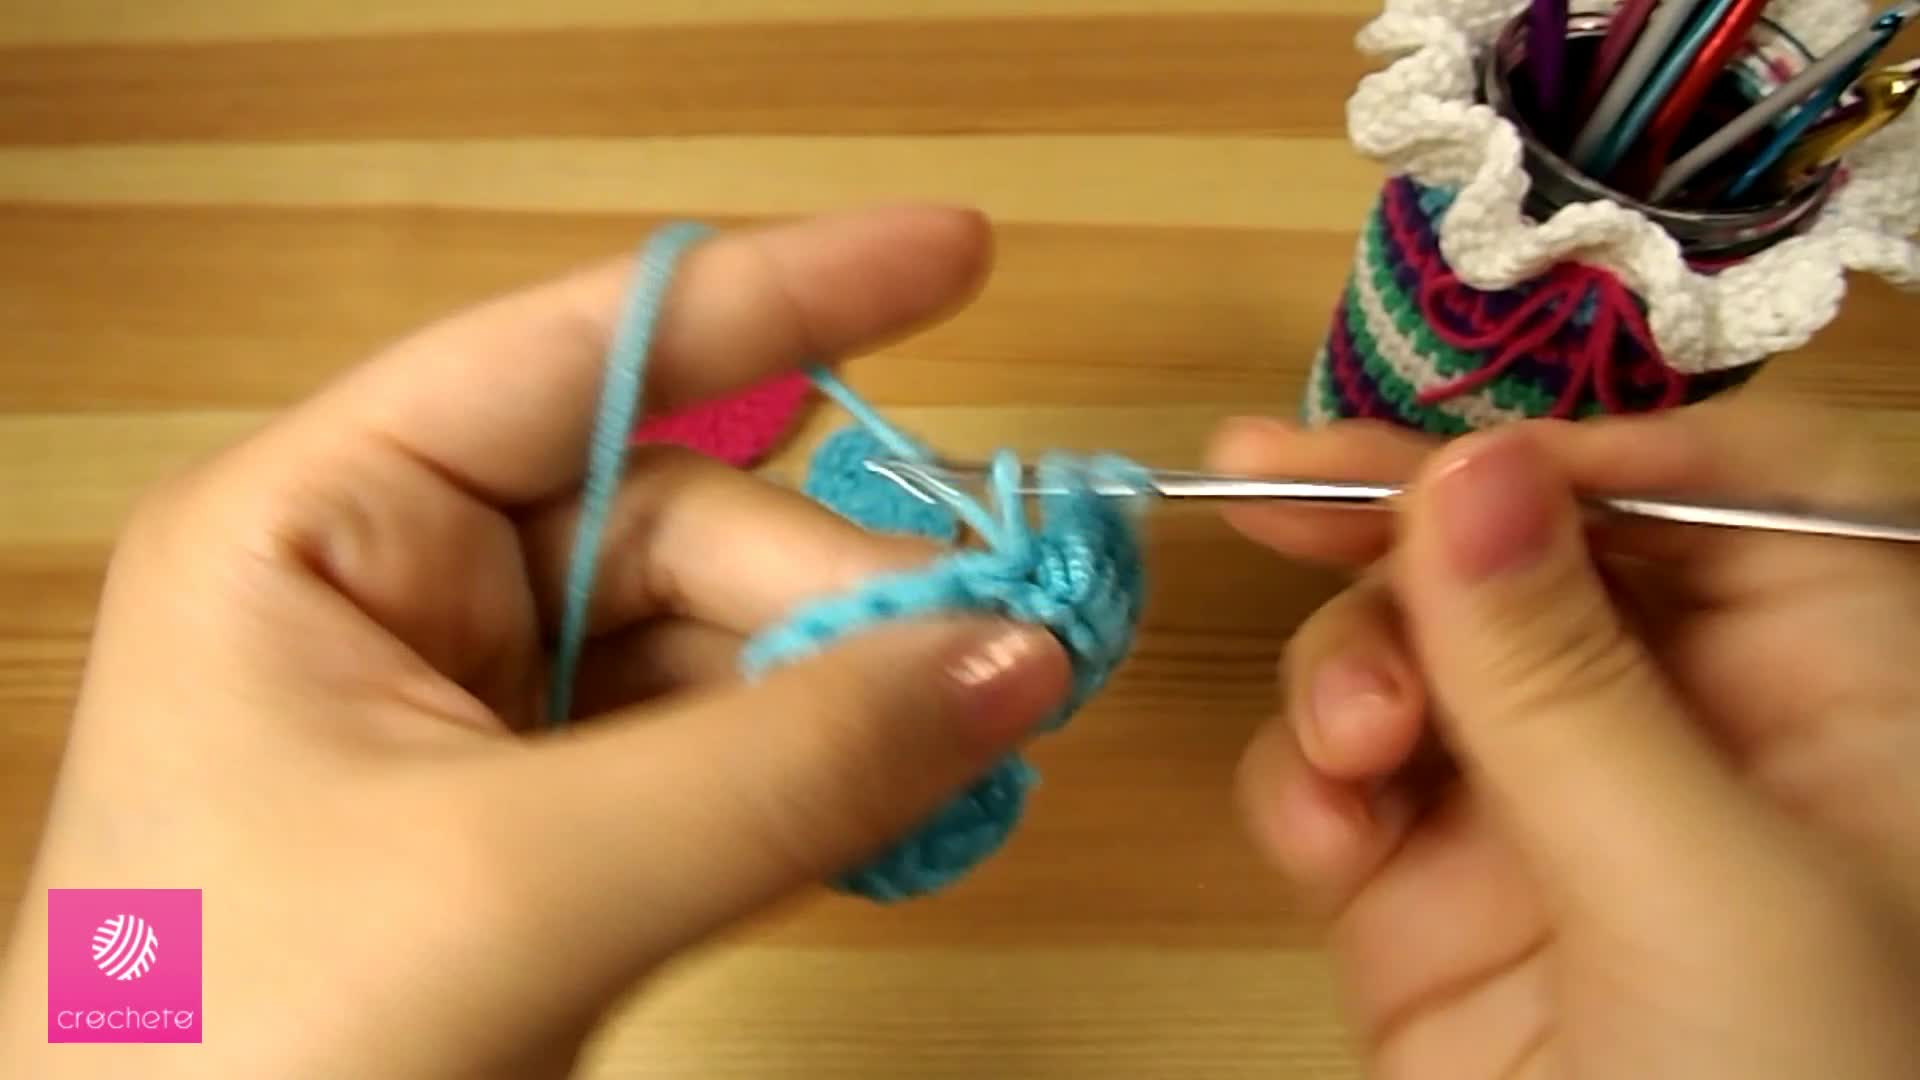 تعليم الكروشيه القلب البسيط Learn how to Crochet Simple Heart - Crochet heart pattern 7